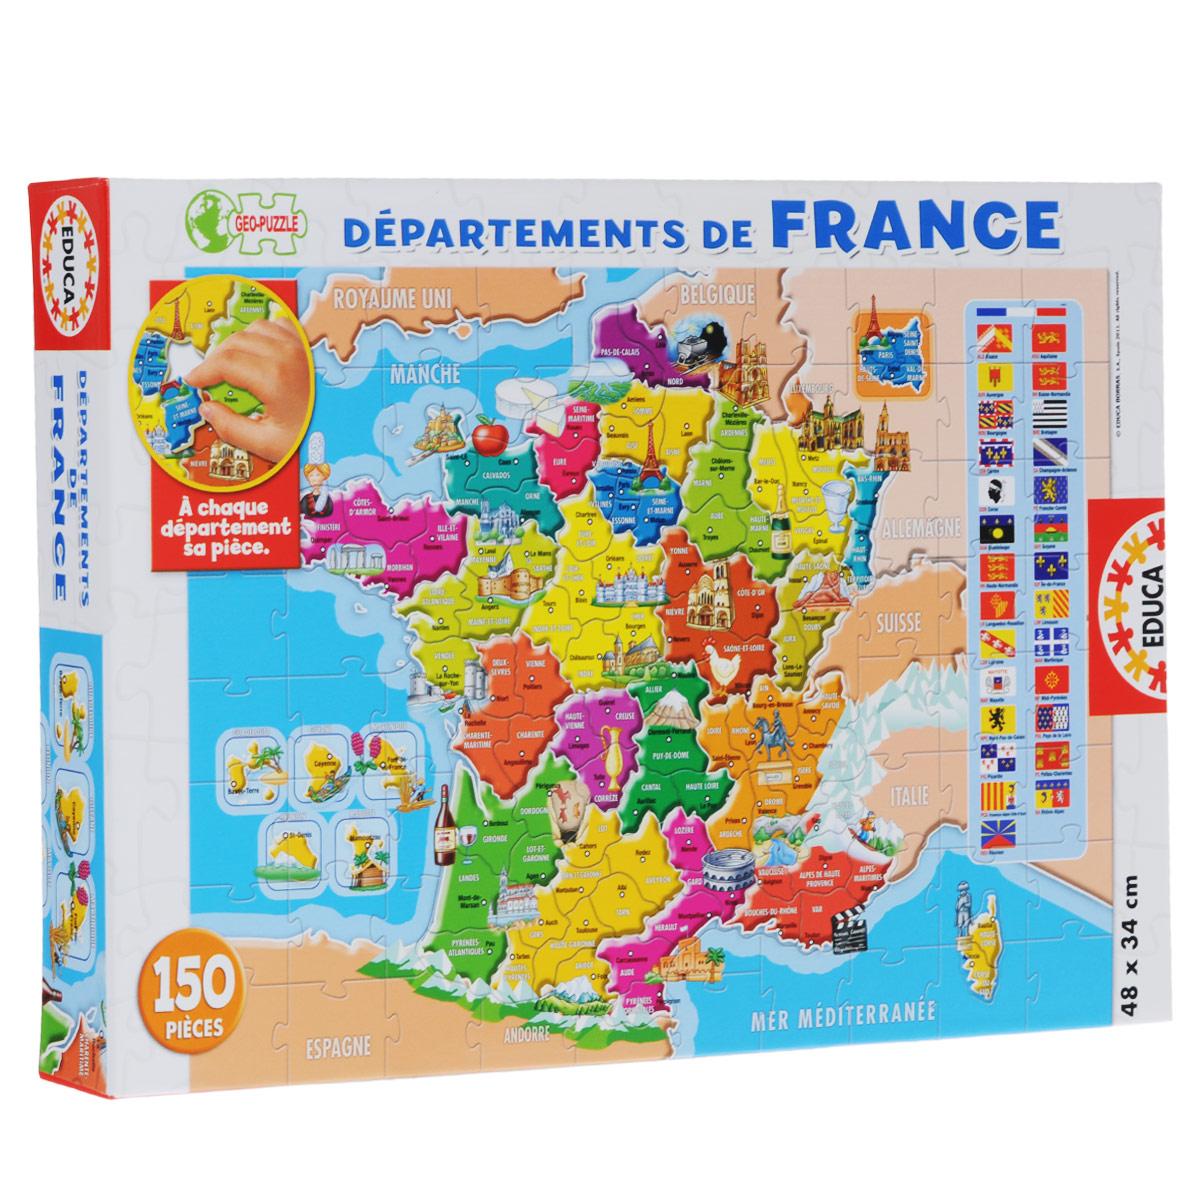 Educa Департаменты Франции. Пазл, 150 элементов14957Пазл Департаменты Франции без сомнения, придется по душе вам и вашему ребенку. Собрав этот пазл, включающий в себя 150 элементов, вы получите красочное изображение в виде карты Франции, со всеми ее регионами. Пазл - великолепная игра для семейного досуга. Сегодня собирание пазлов стало особенно популярным, главным образом, благодаря своей многообразной тематике, способной удовлетворить самый взыскательный вкус. А для детей это не только интересно, но и полезно. Собирание пазла развивает мелкую моторику рук у ребенка, тренирует наблюдательность, логическое мышление, знакомит с окружающим миром, с цветом и разнообразными формами.